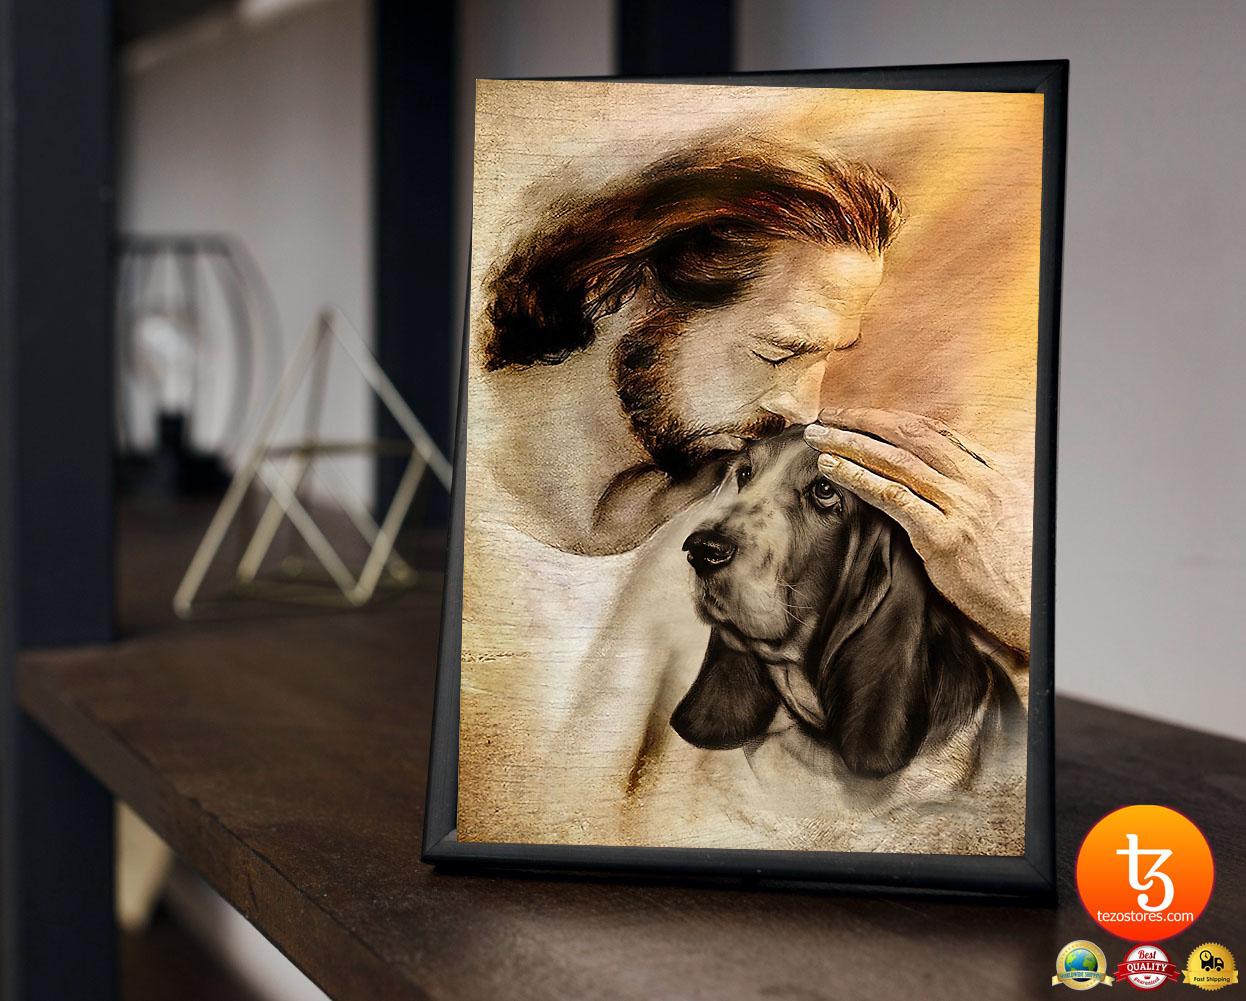 Jesus with Basset hound poster3